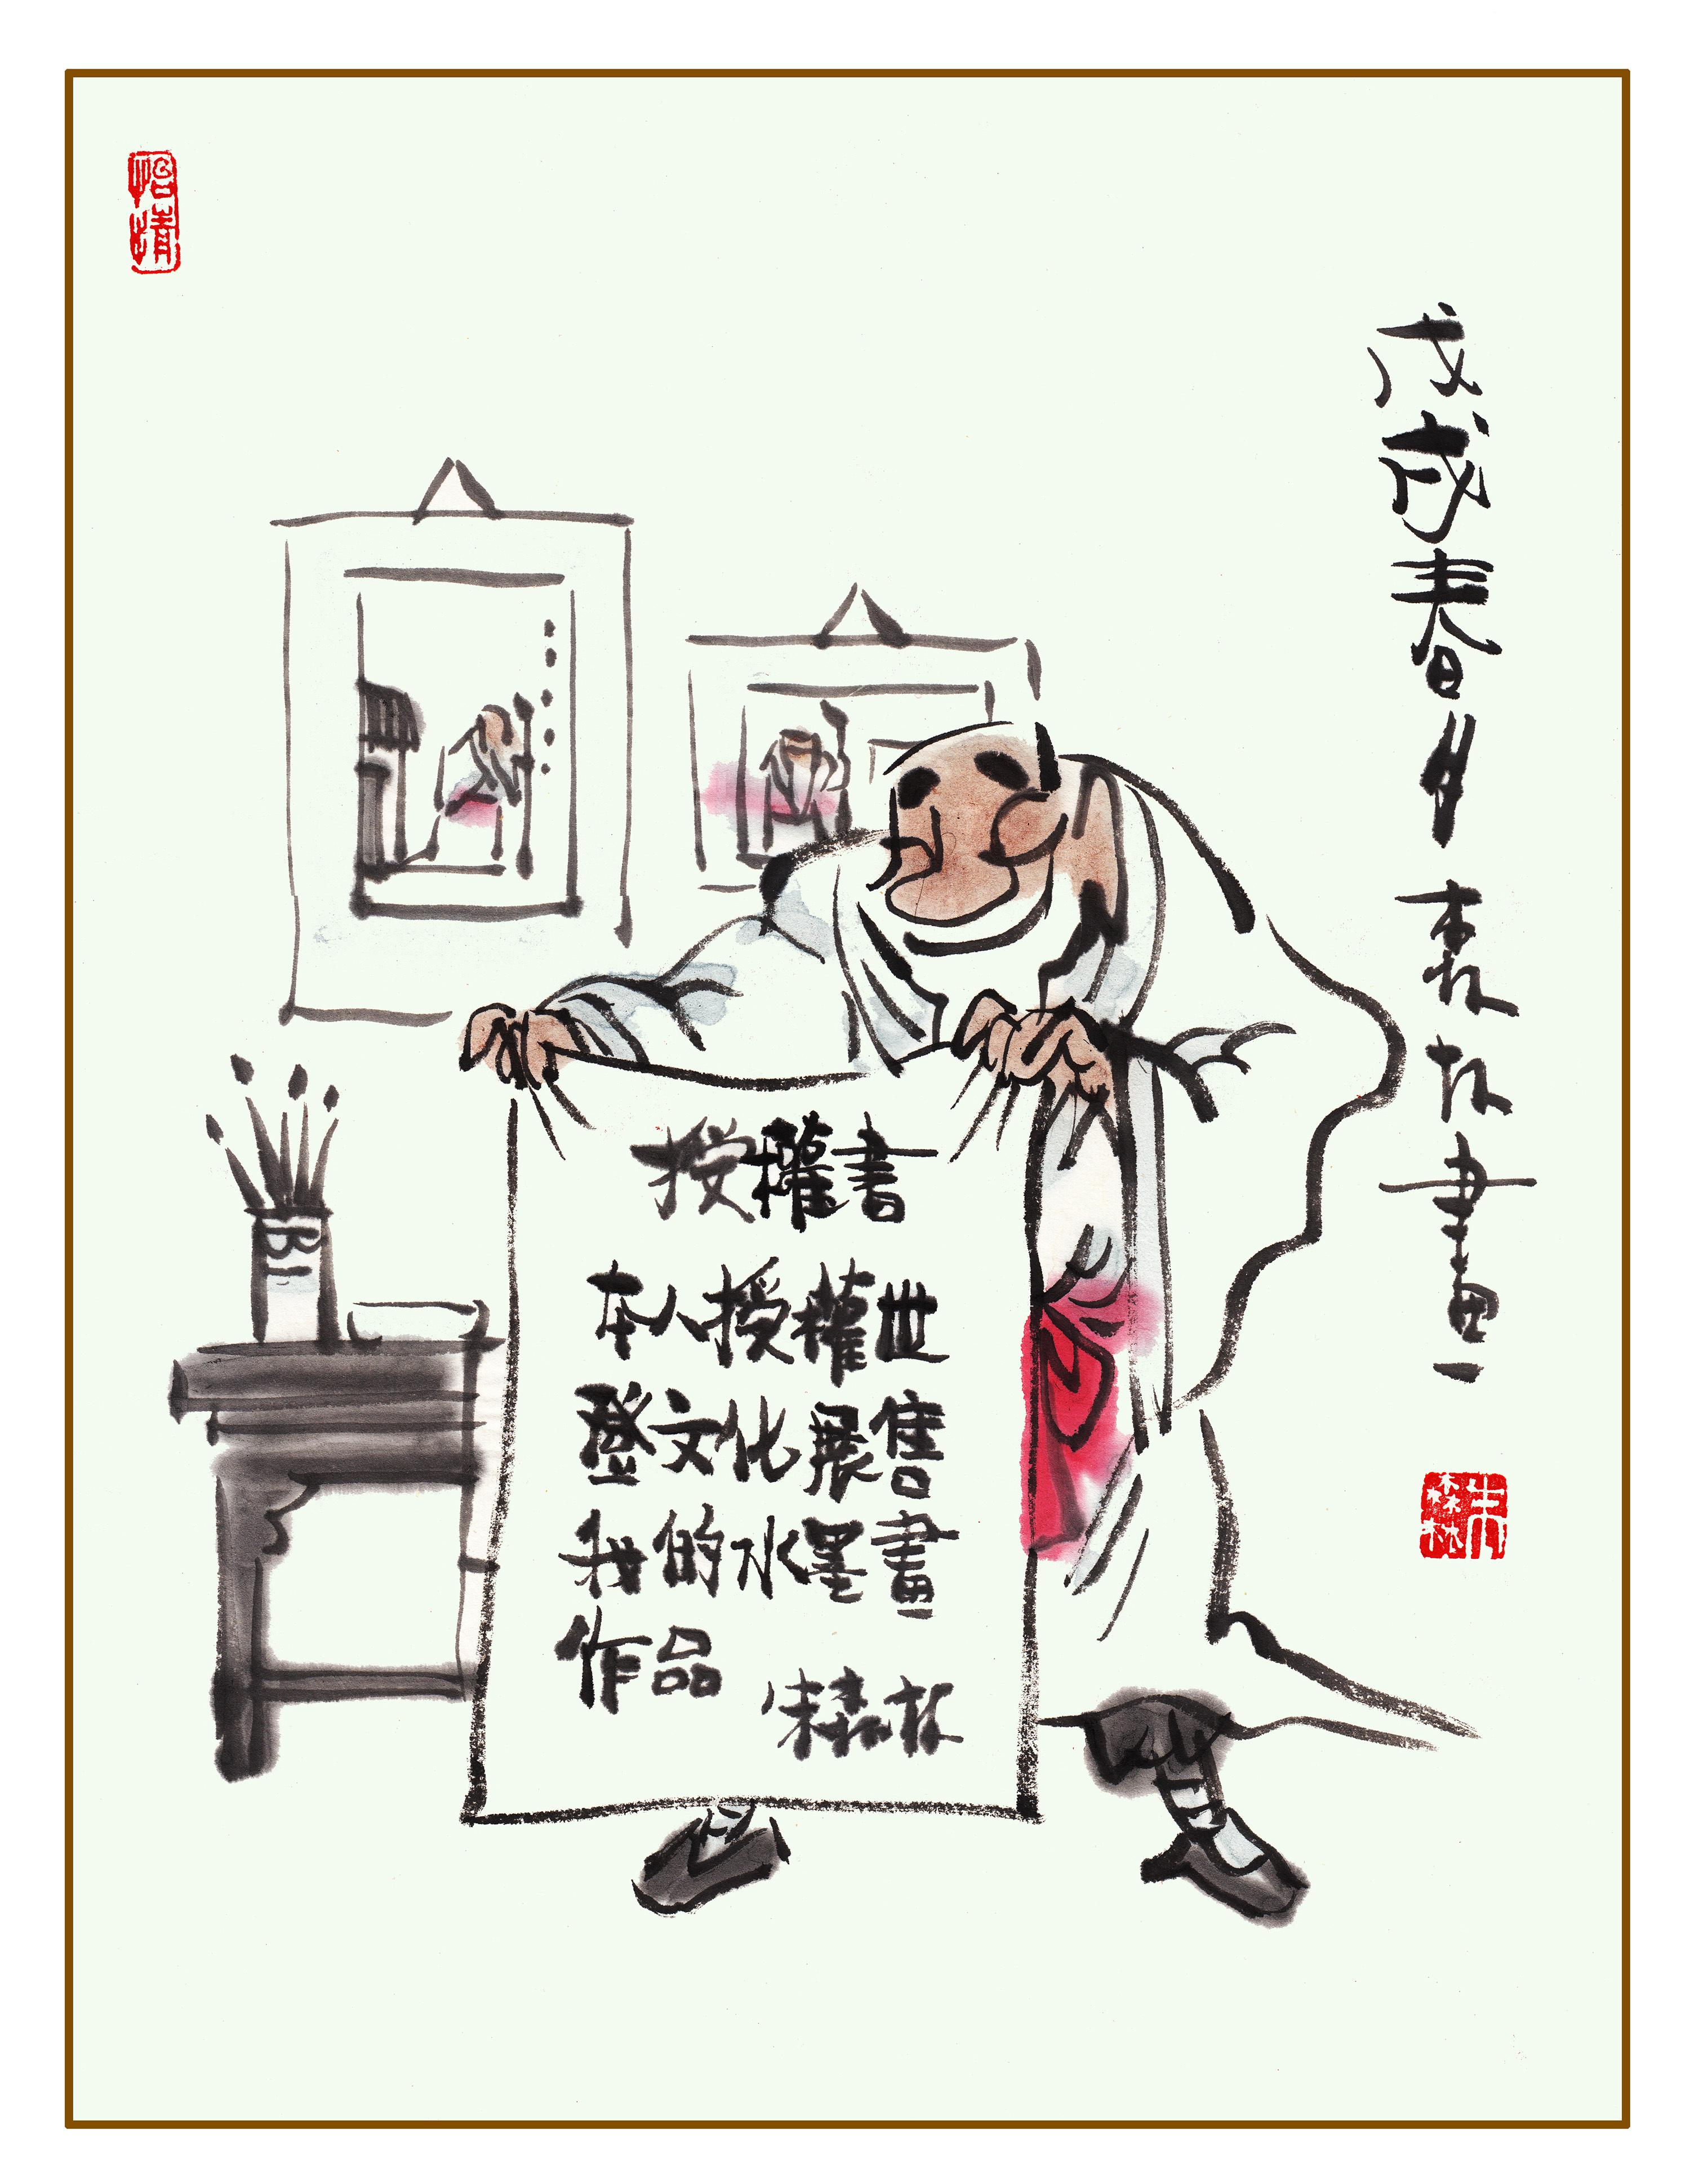 朱森林漫画之龘贤居坏老头系列展示